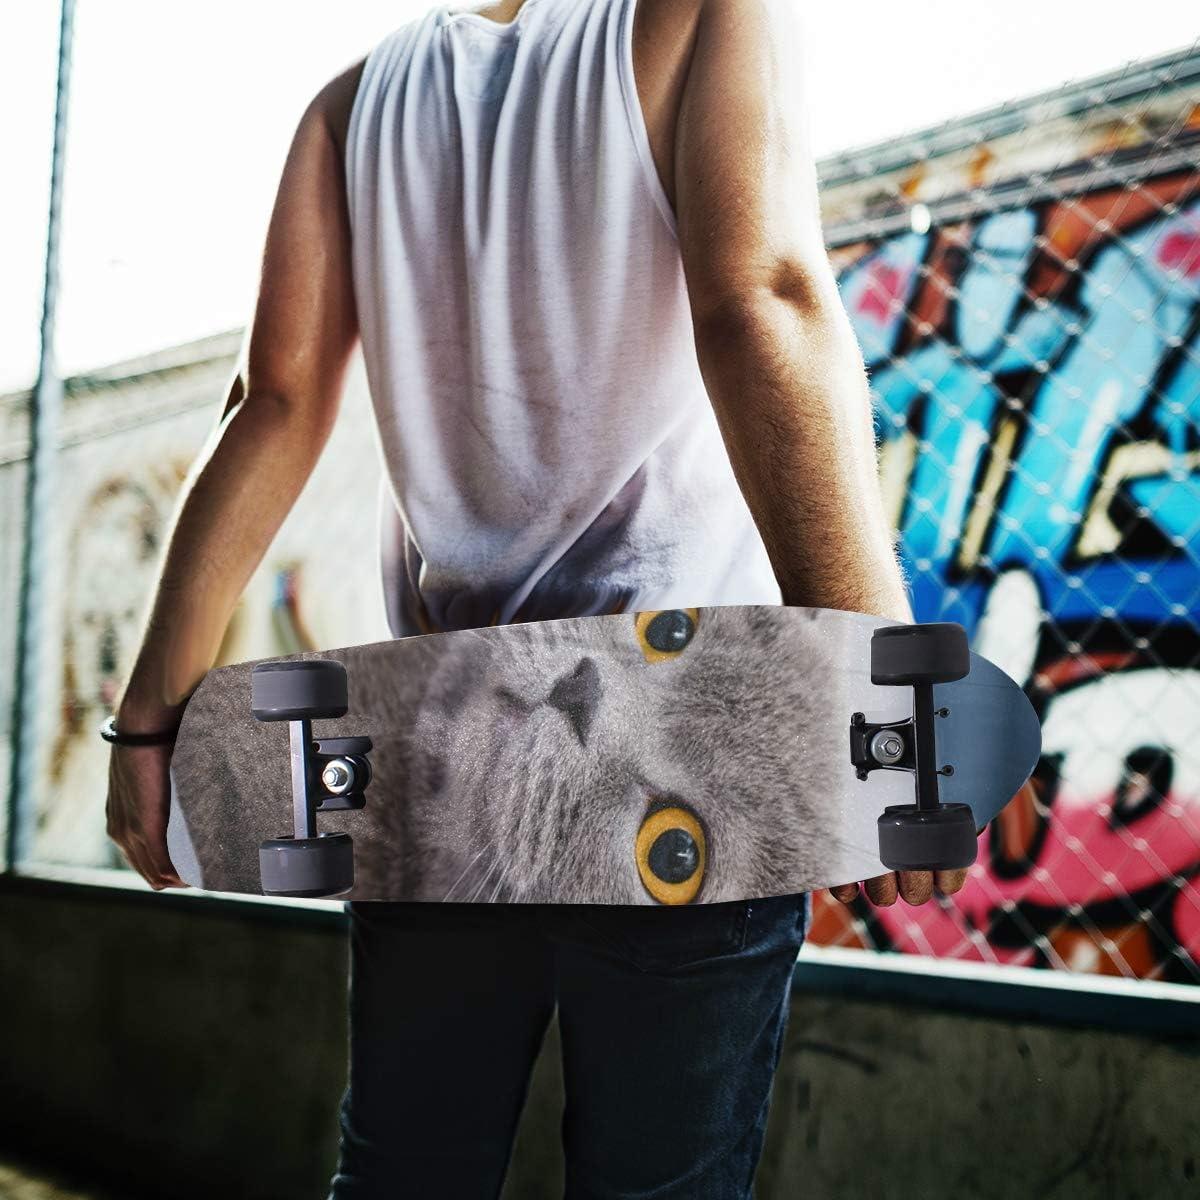 MNSRUU Shorthair Cat Planche de skateboard Grip Planche de trottinette Papier sable 22,9 x 33